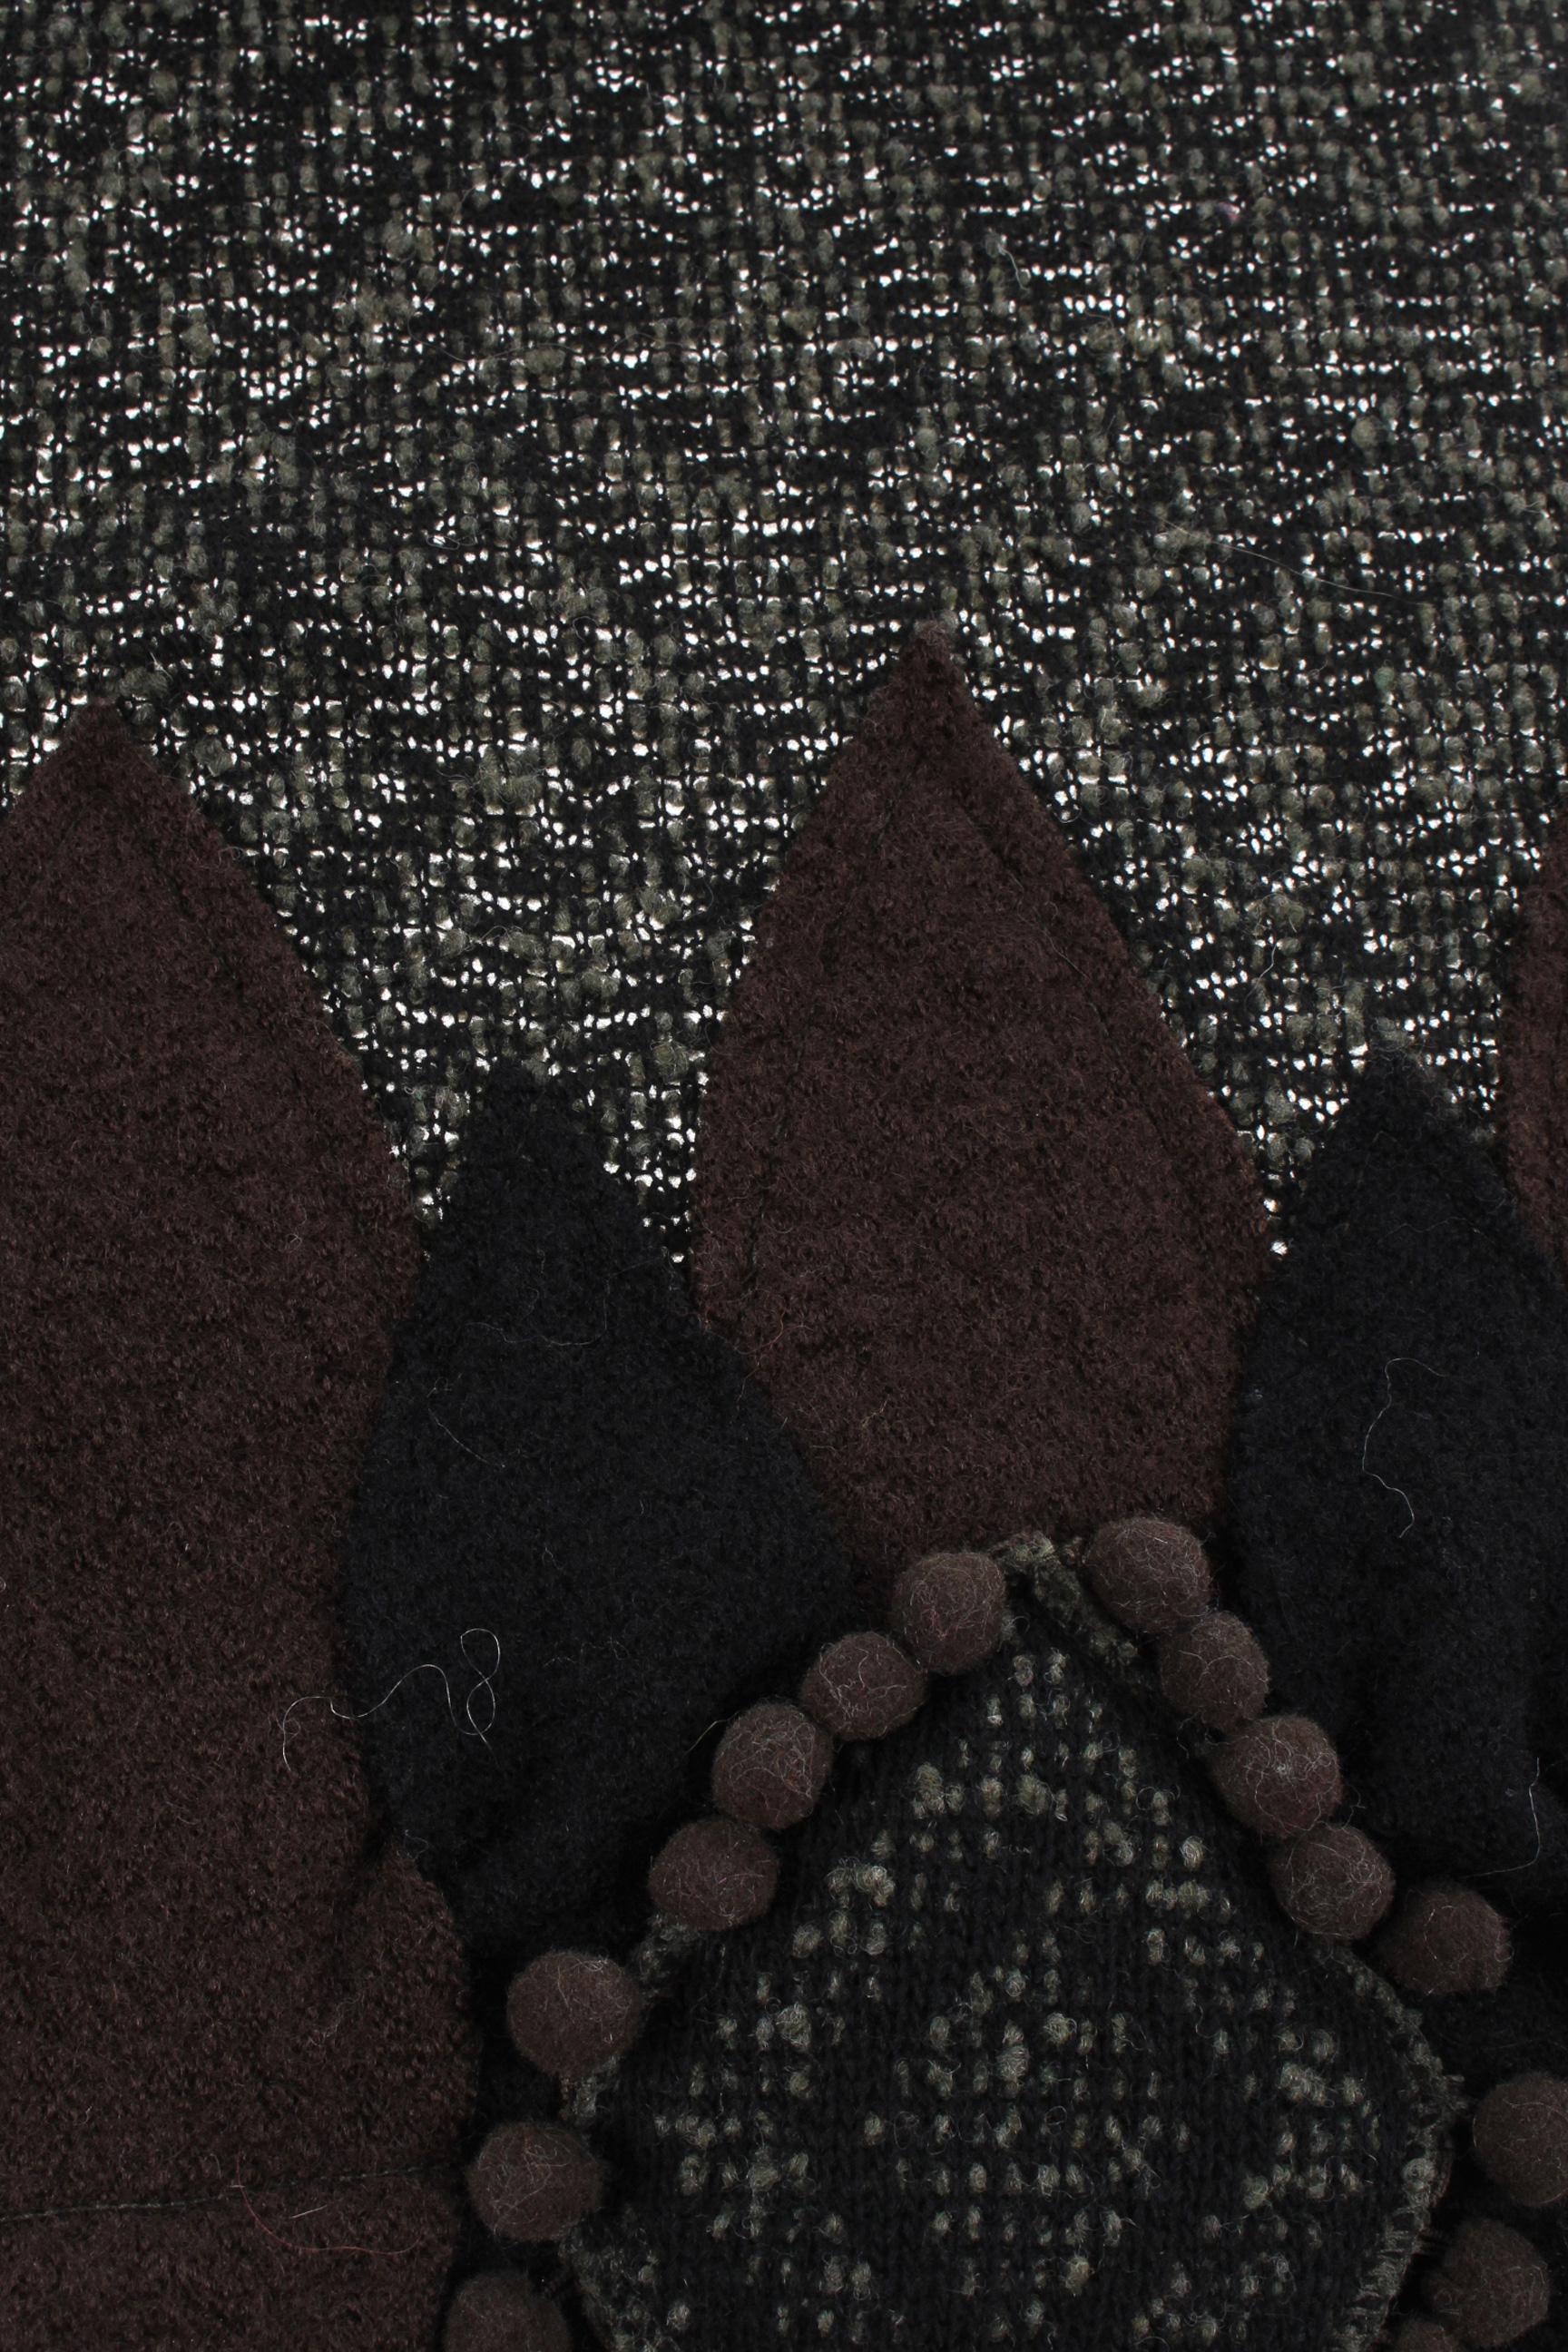 Viva Paquita Echarpes Gants Femme De Couleur Noir En Soldes Pas Cher 1422632-noir00